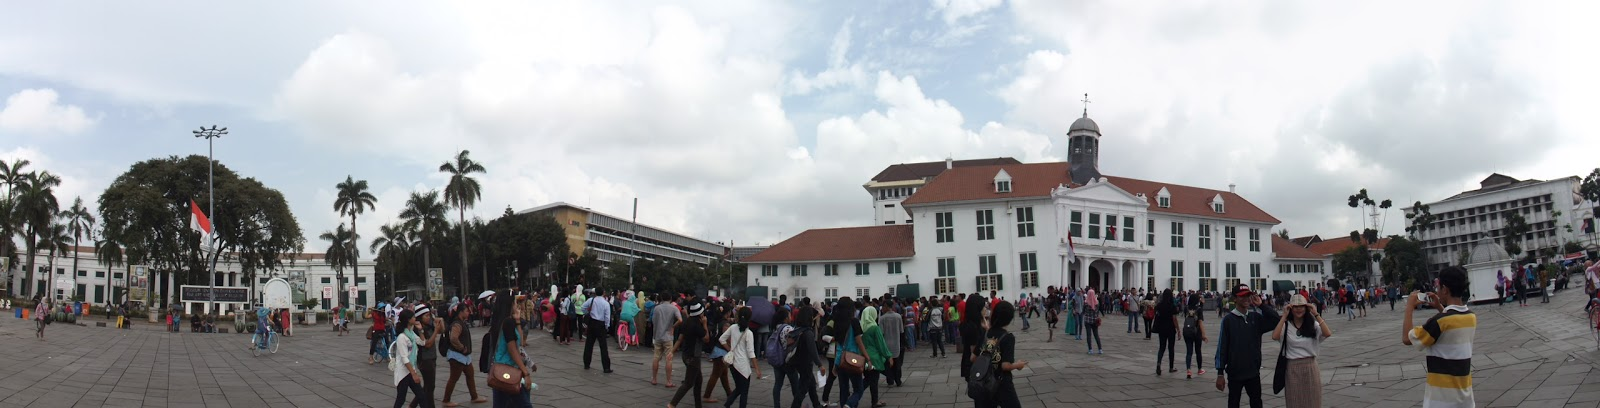 Hanriryn Lihat Uniknya Wayang Sampai Bukti Kekejaman Balai Gue Nge